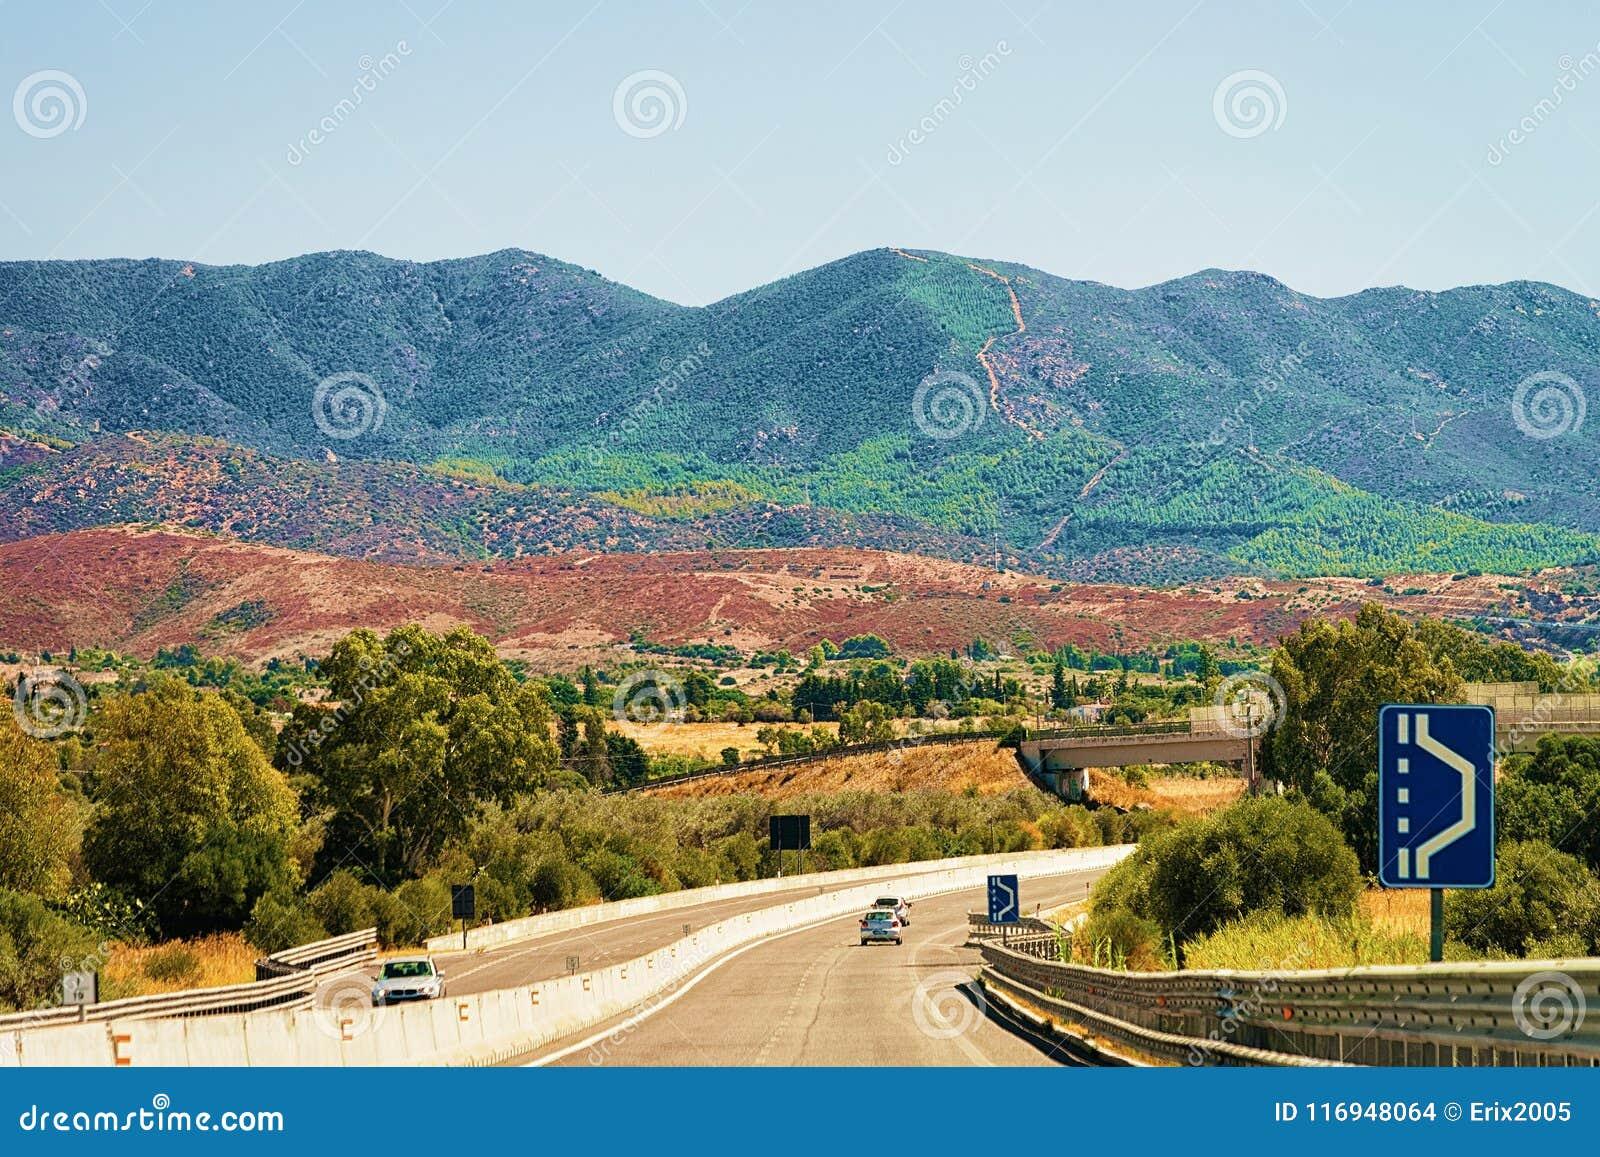 Scenic road in Cagliari on Sardinia island